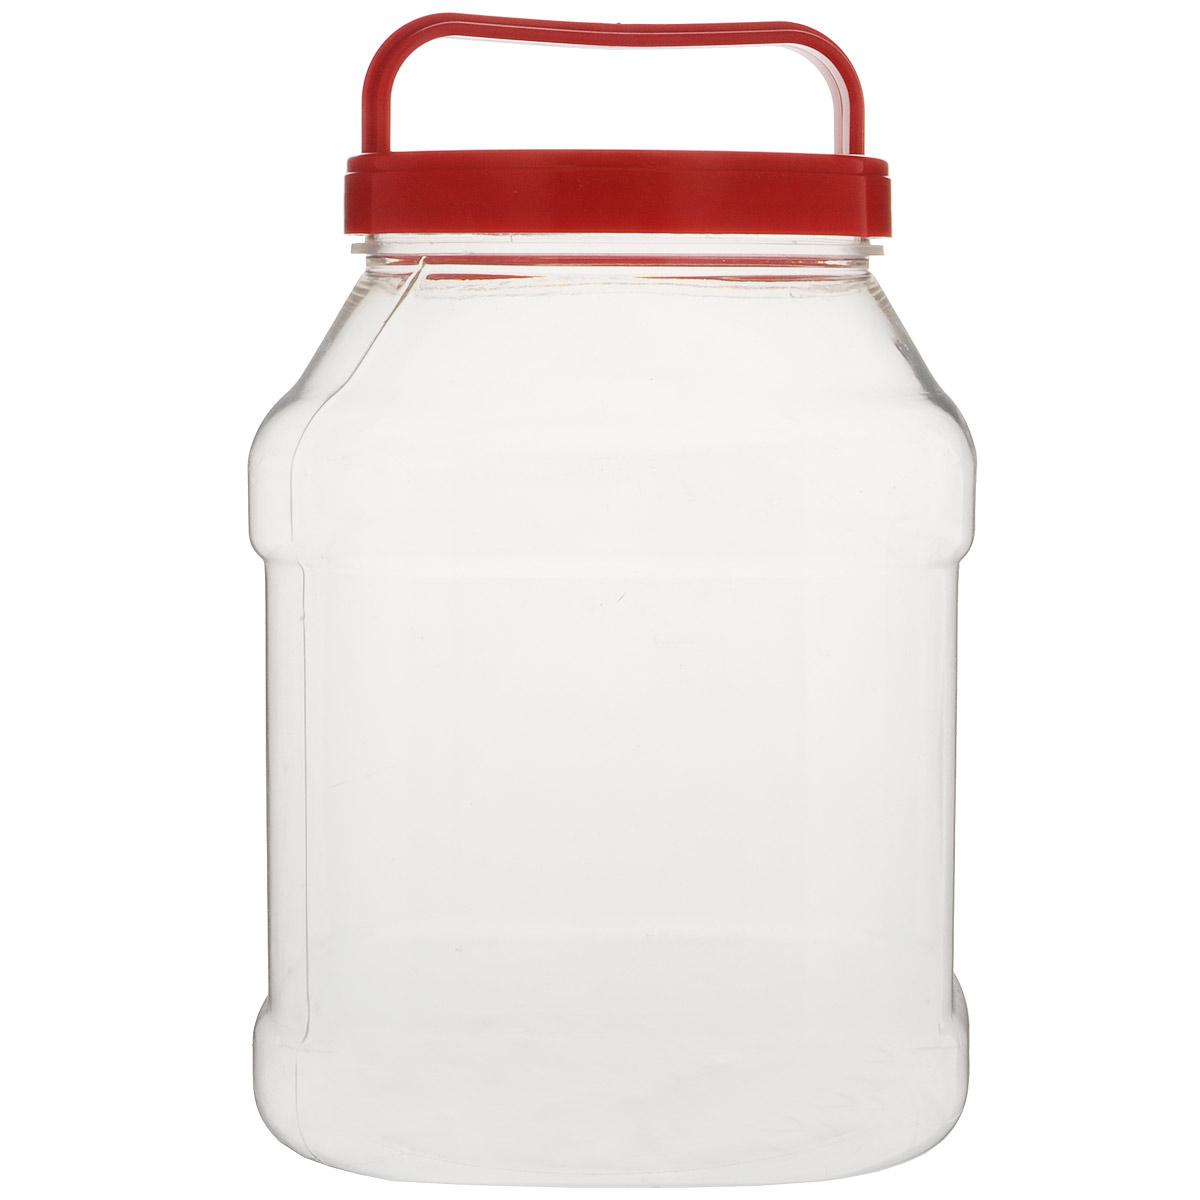 Бидон Альтернатива, прямоугольный, цвет: красный, 3 лМ463Бидон Альтернатива предназначен для хранения и переноски пищевыхпродуктов, таких какмолоко, вода и прочее. Изделие выполнено из пищевого высококачественного ПЭТ.Оснащен ручкойдля удобной переноски. Бидон Альтернатива станет незаменимым аксессуаром на вашей кухне.Диаметр: 10,5 см.Высота бидона (без учета крышки): 19 см. Размер дна: 15 см х 15 см.